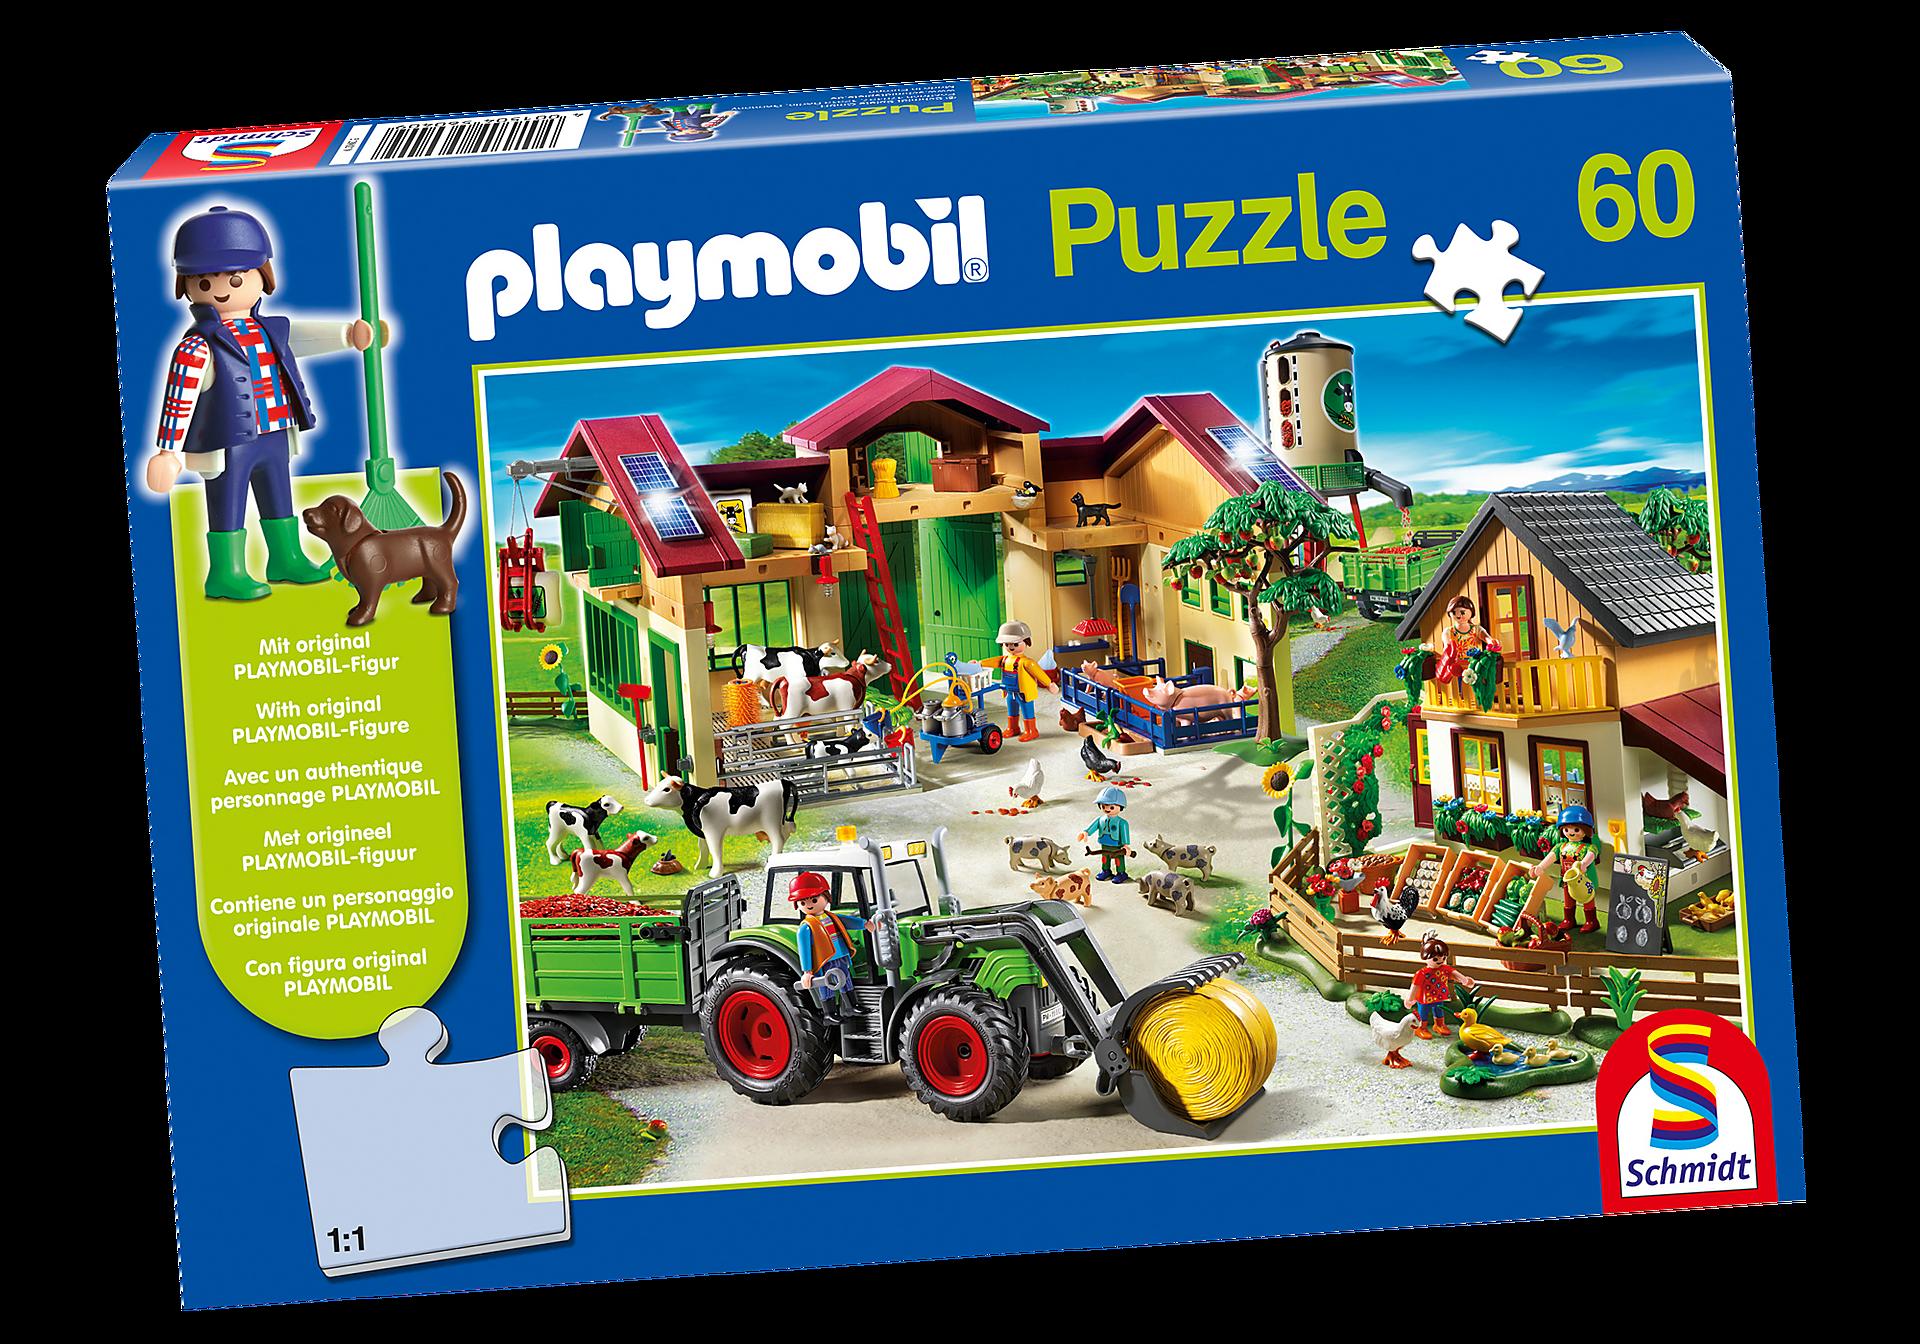 http://media.playmobil.com/i/playmobil/80352_product_detail/Puzzel - Op de bio-boerderij (60 puzzelstukken)